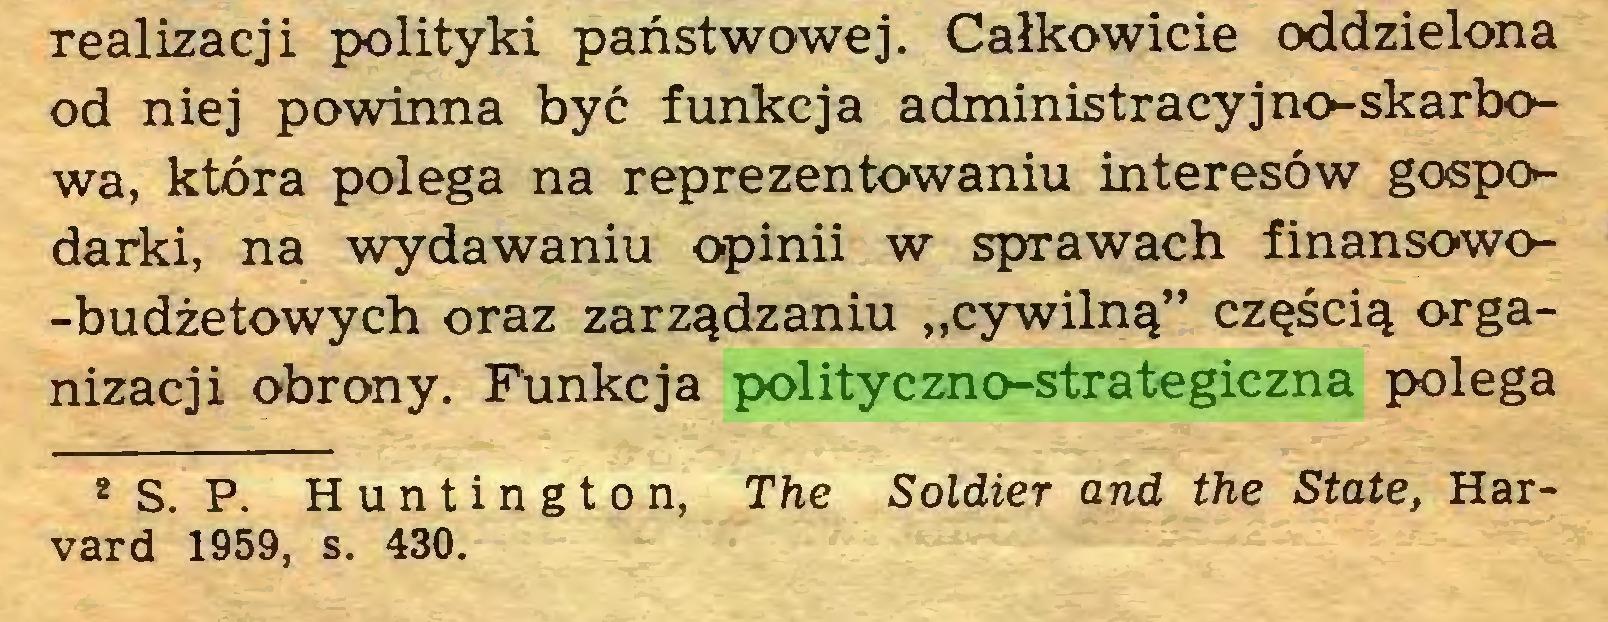 """(...) realizacji polityki państwowej. Całkowicie oddzielona od niej powinna być funkcja administracyjno-skarbowa, która polega na reprezentowaniu interesów gospodarki, na wydawaniu opinii w sprawach finansowo-budżetowych oraz zarządzaniu """"cywilną"""" częścią organizacji obrony. Funkcja polityczno-strategiczna polega ** S. P. Huntington, The Soldier and the State, Harvard 1959, s. 430..."""